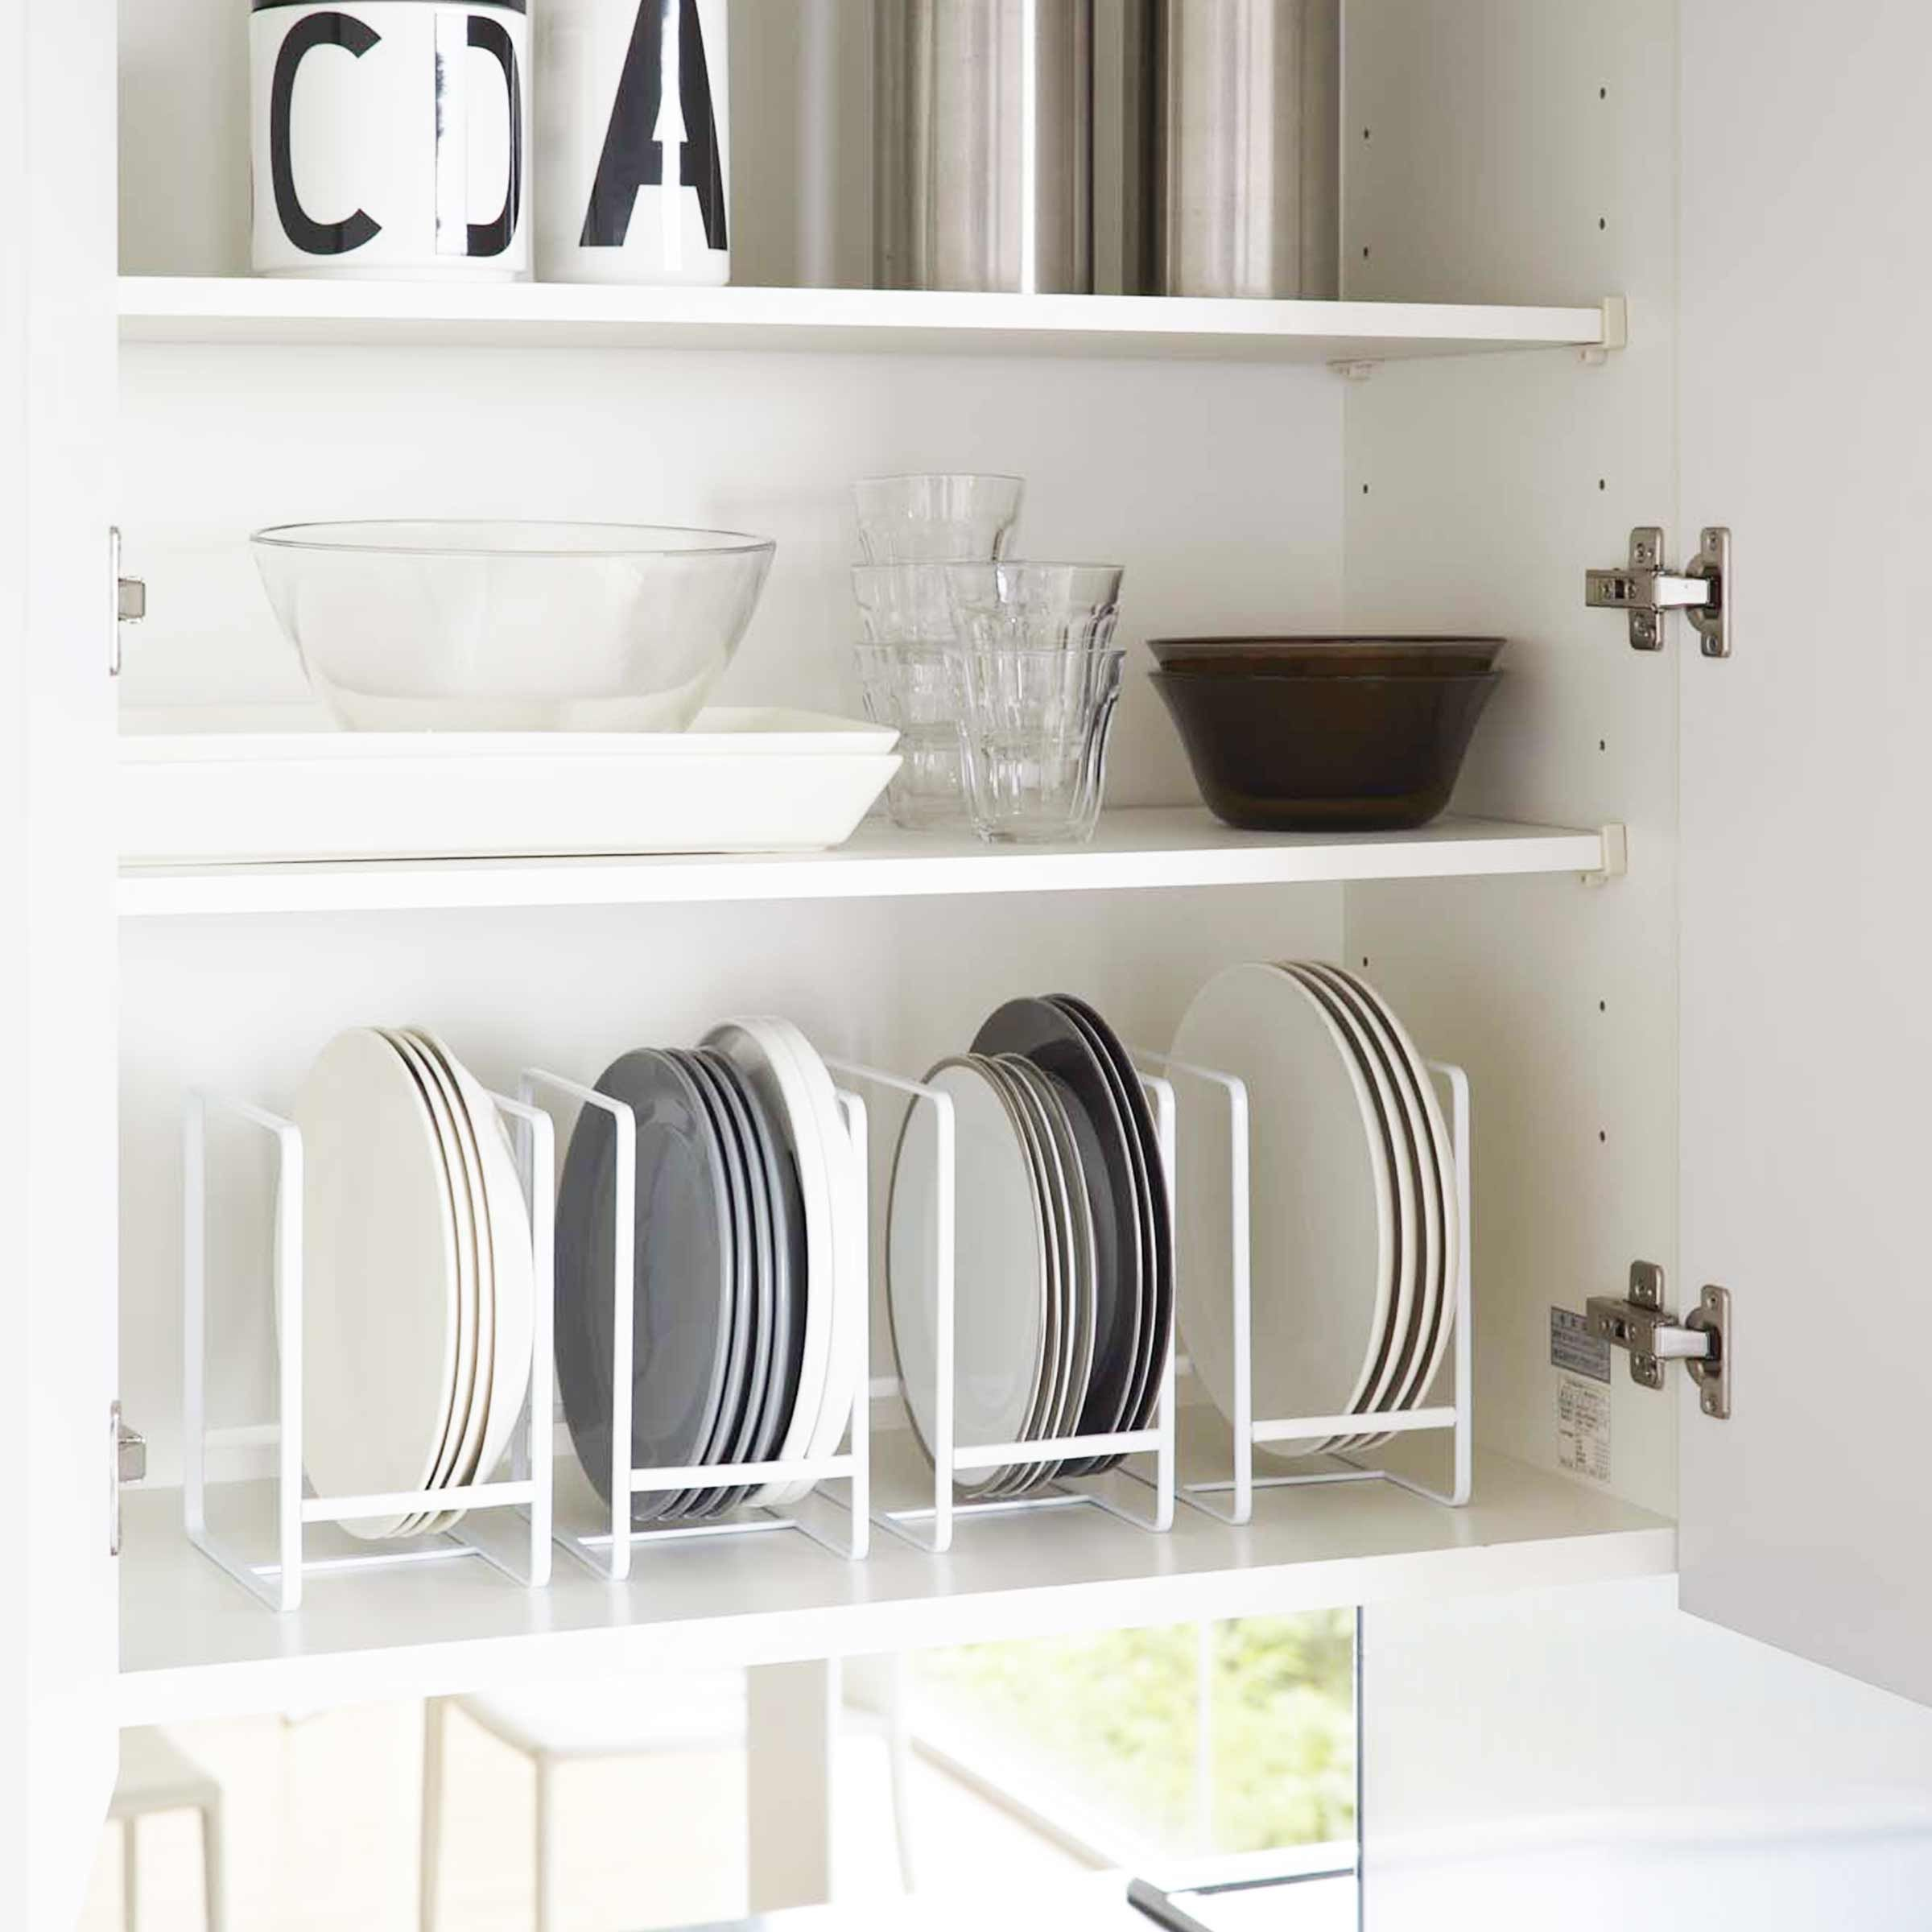 rangement des assiettes Range assiette blanc - rangement vertical vaisselle